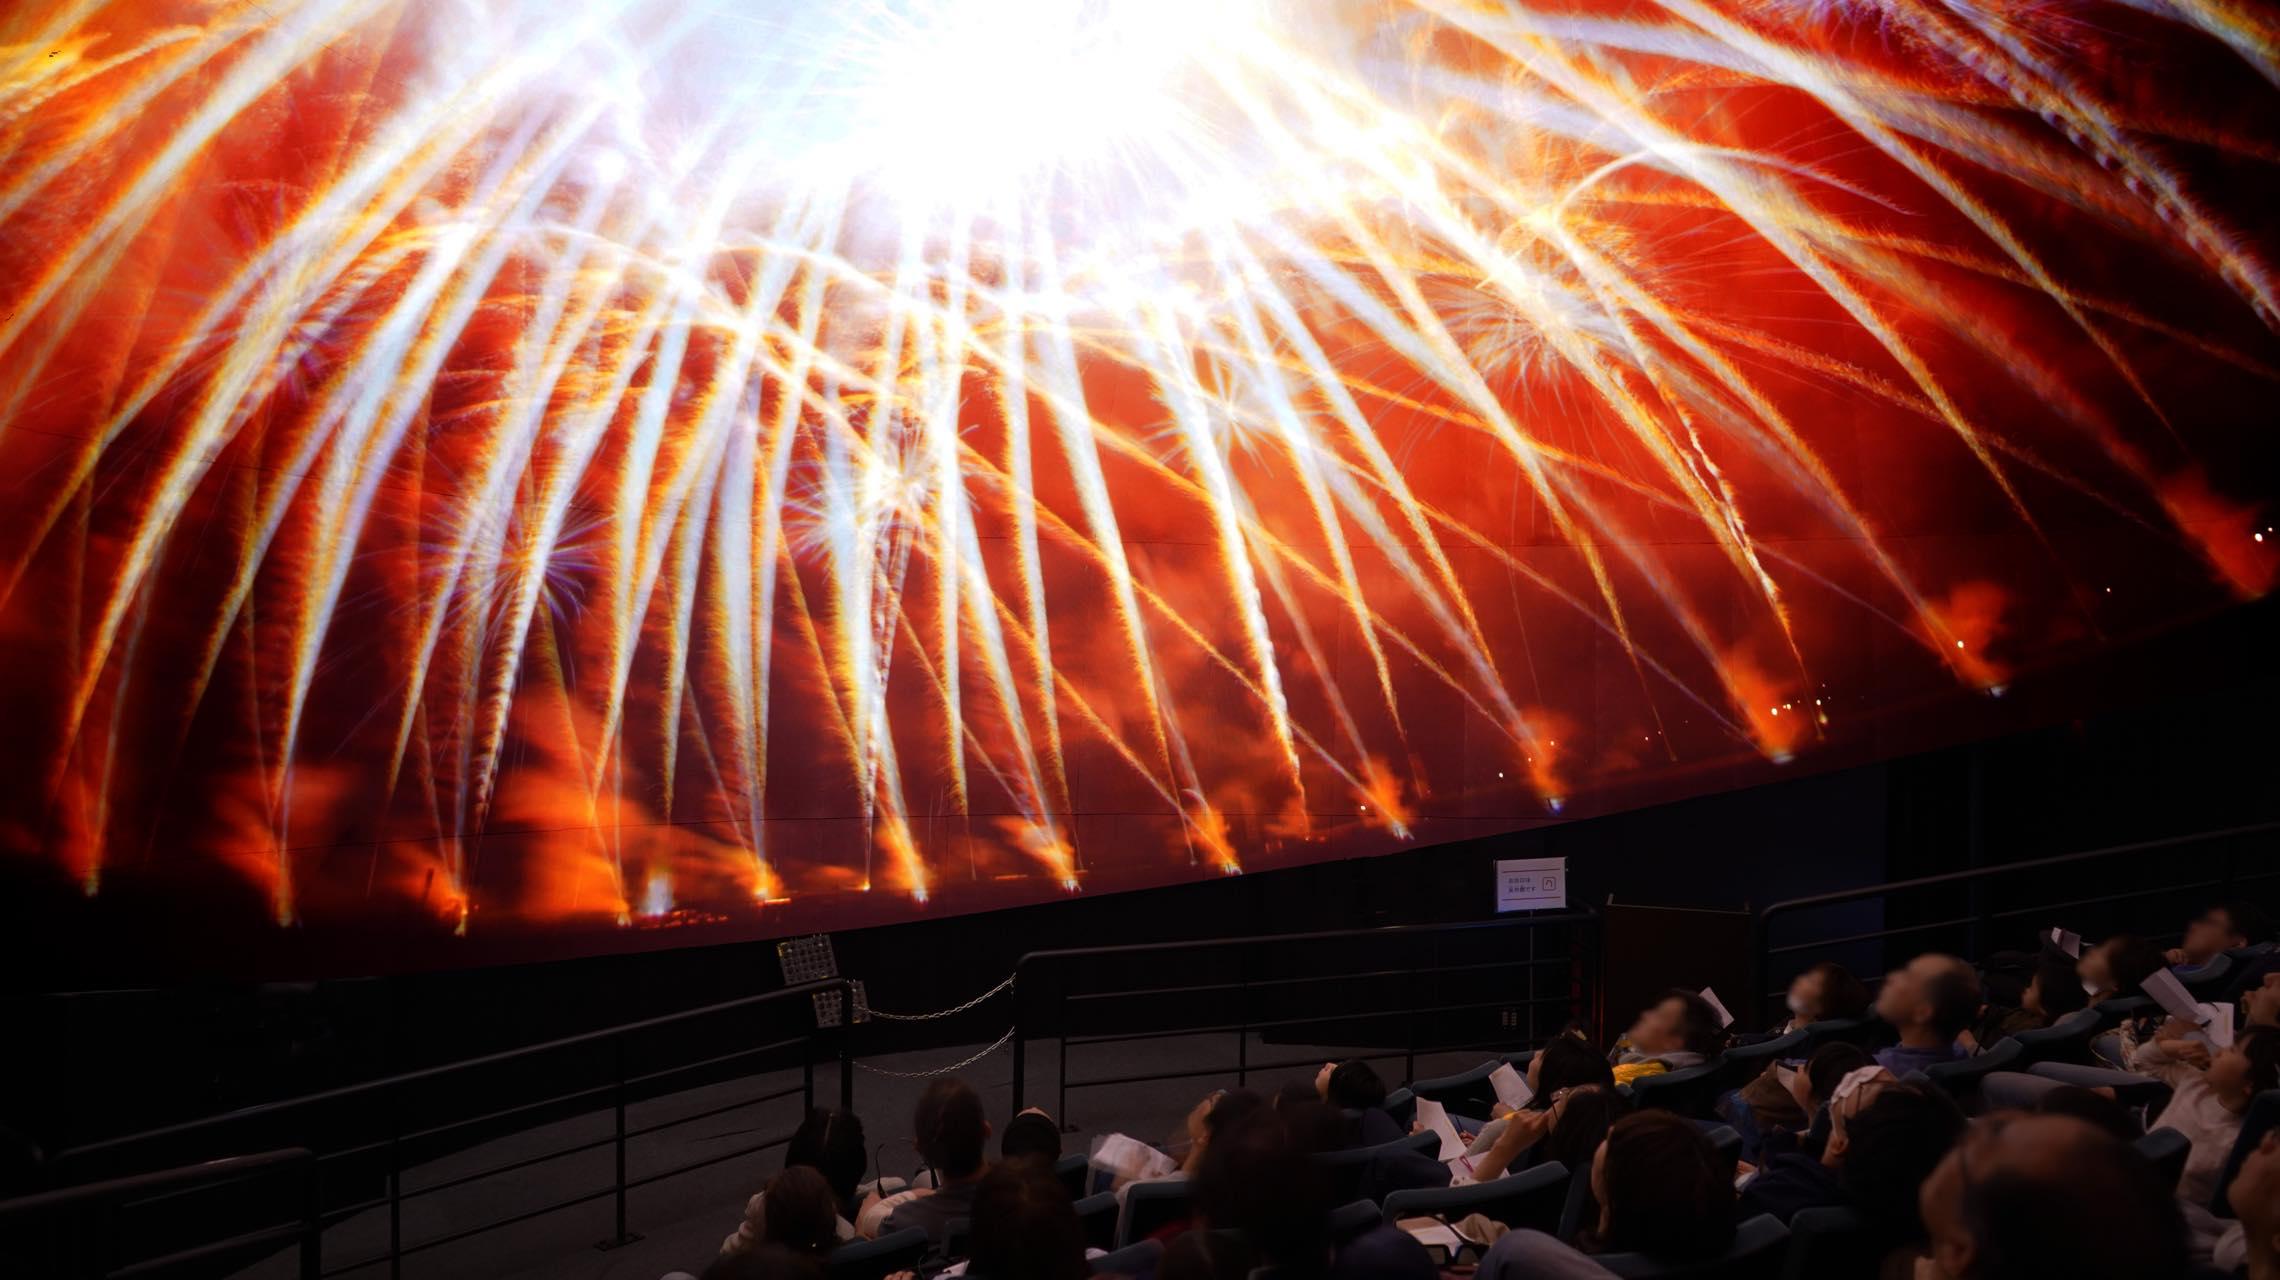 誰も体験したことない花火の特等席へ。360度の実写映像で新感覚の花火観覧を